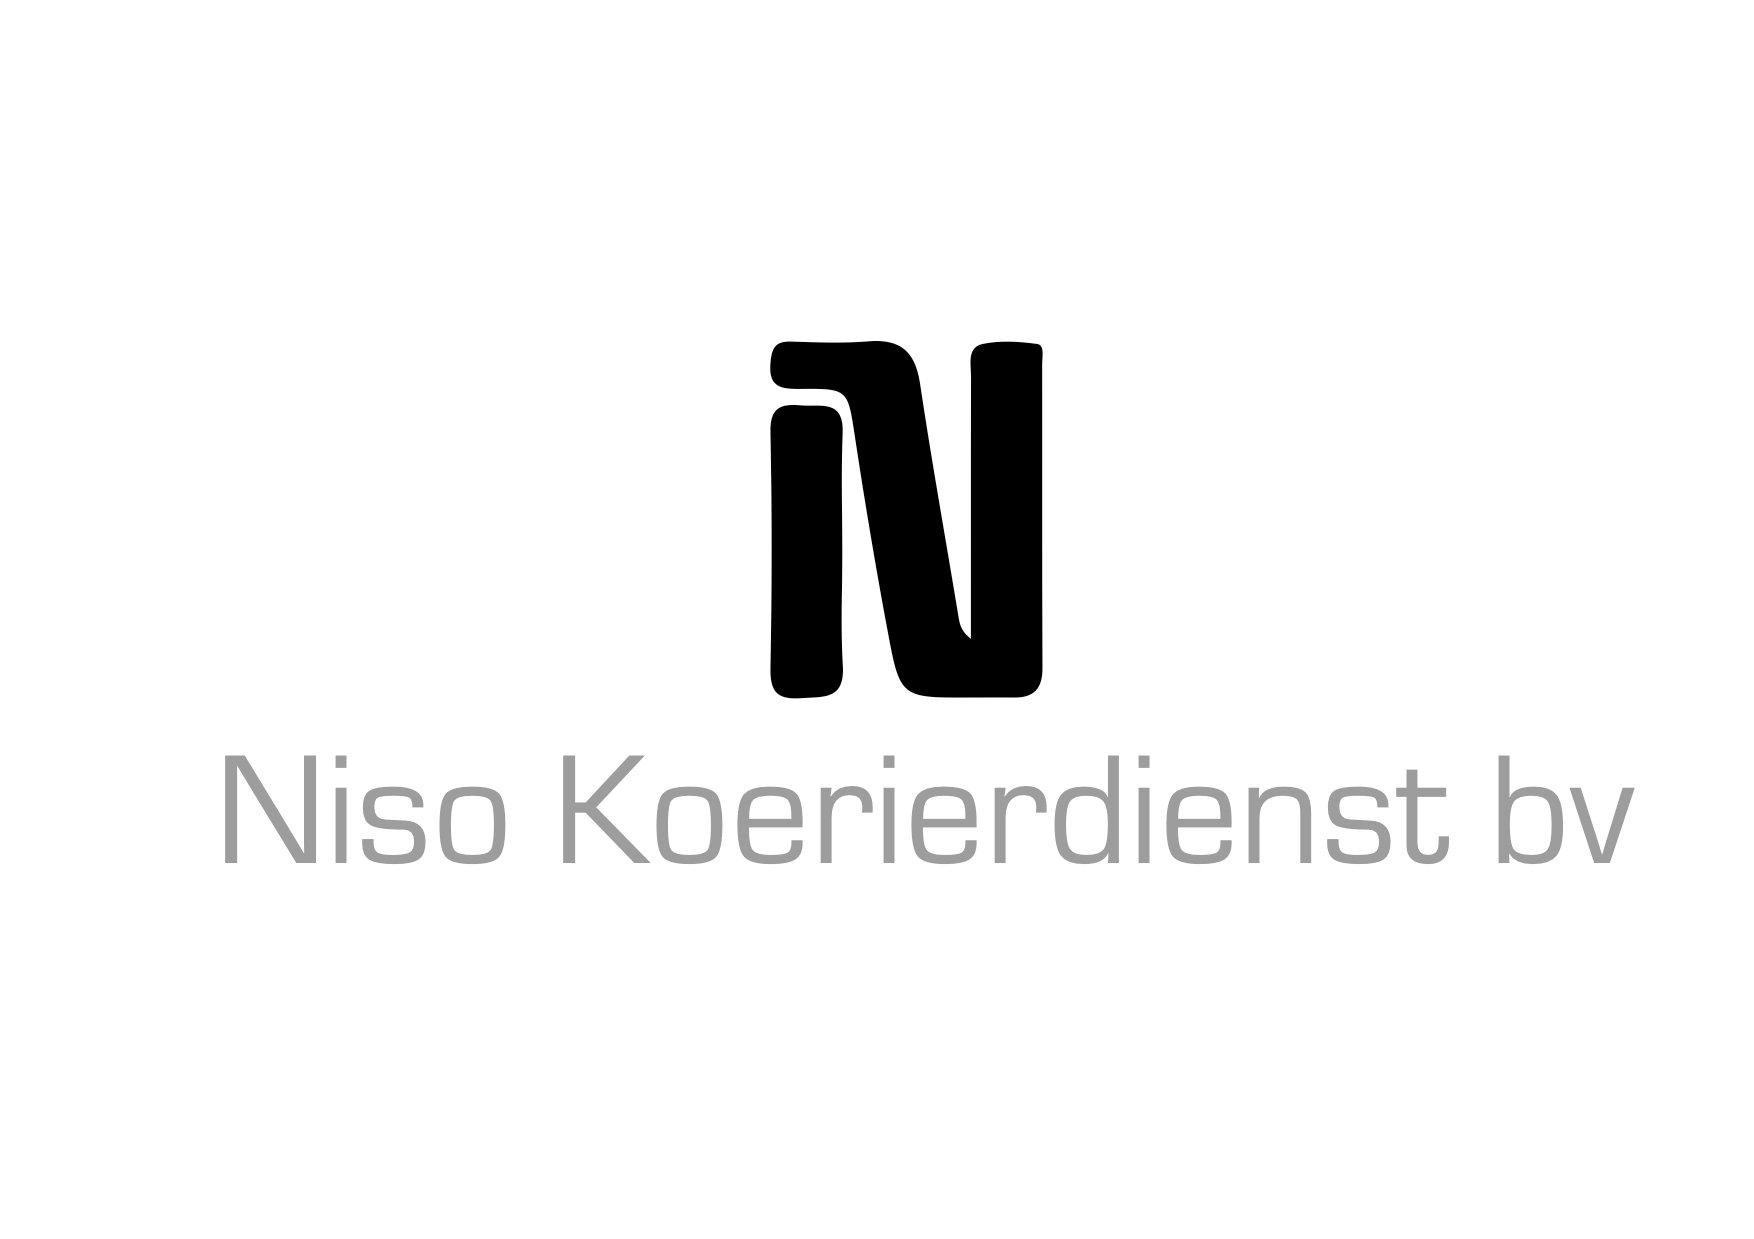 https://volleynoorderkempen.be/wp-content/uploads/2020/11/Niso-tenue-dames-G.jpg